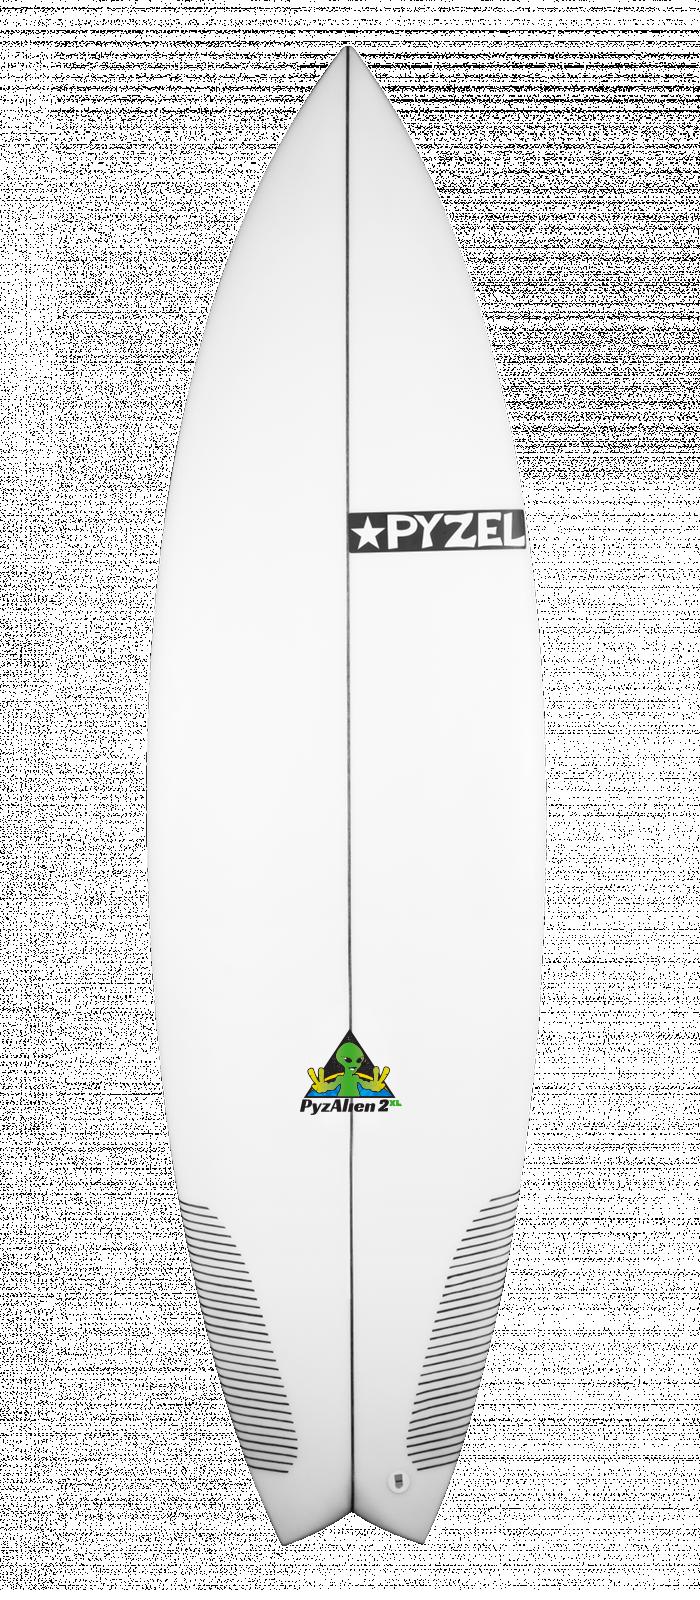 PYZALIEN 2 XL surfboard model